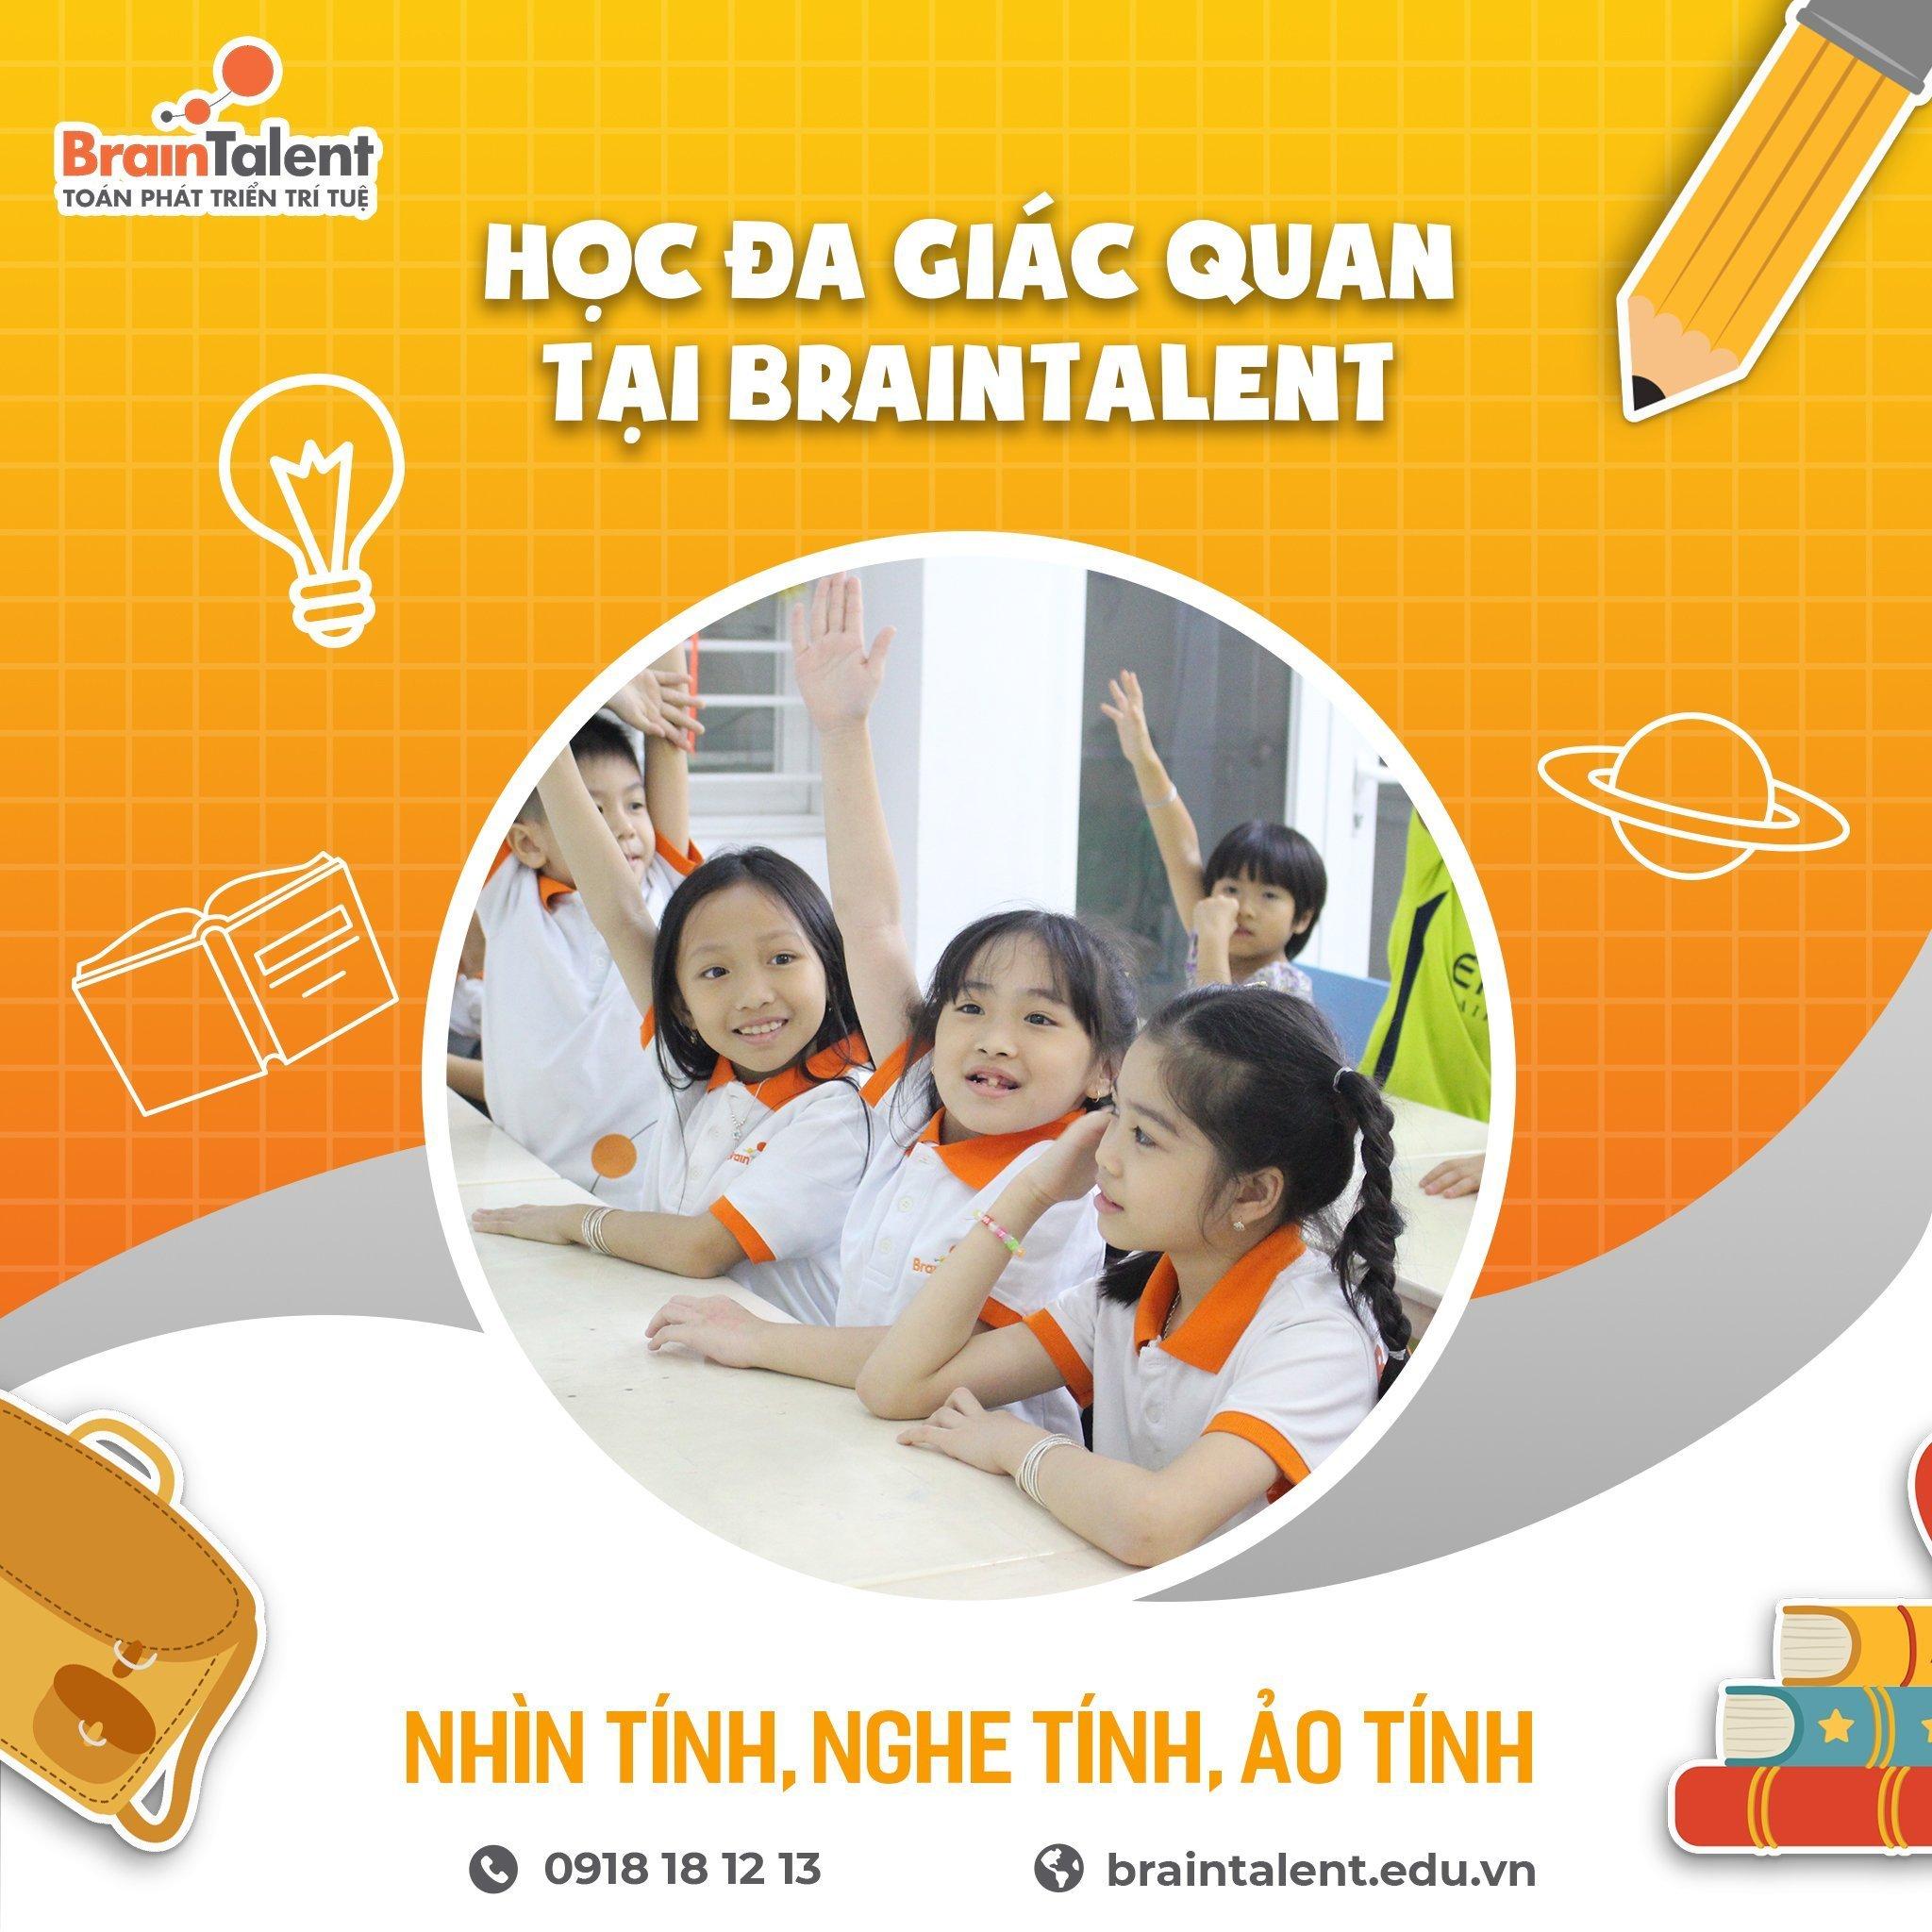 Học đa giác quan giúp bé phát triển trí tuệ